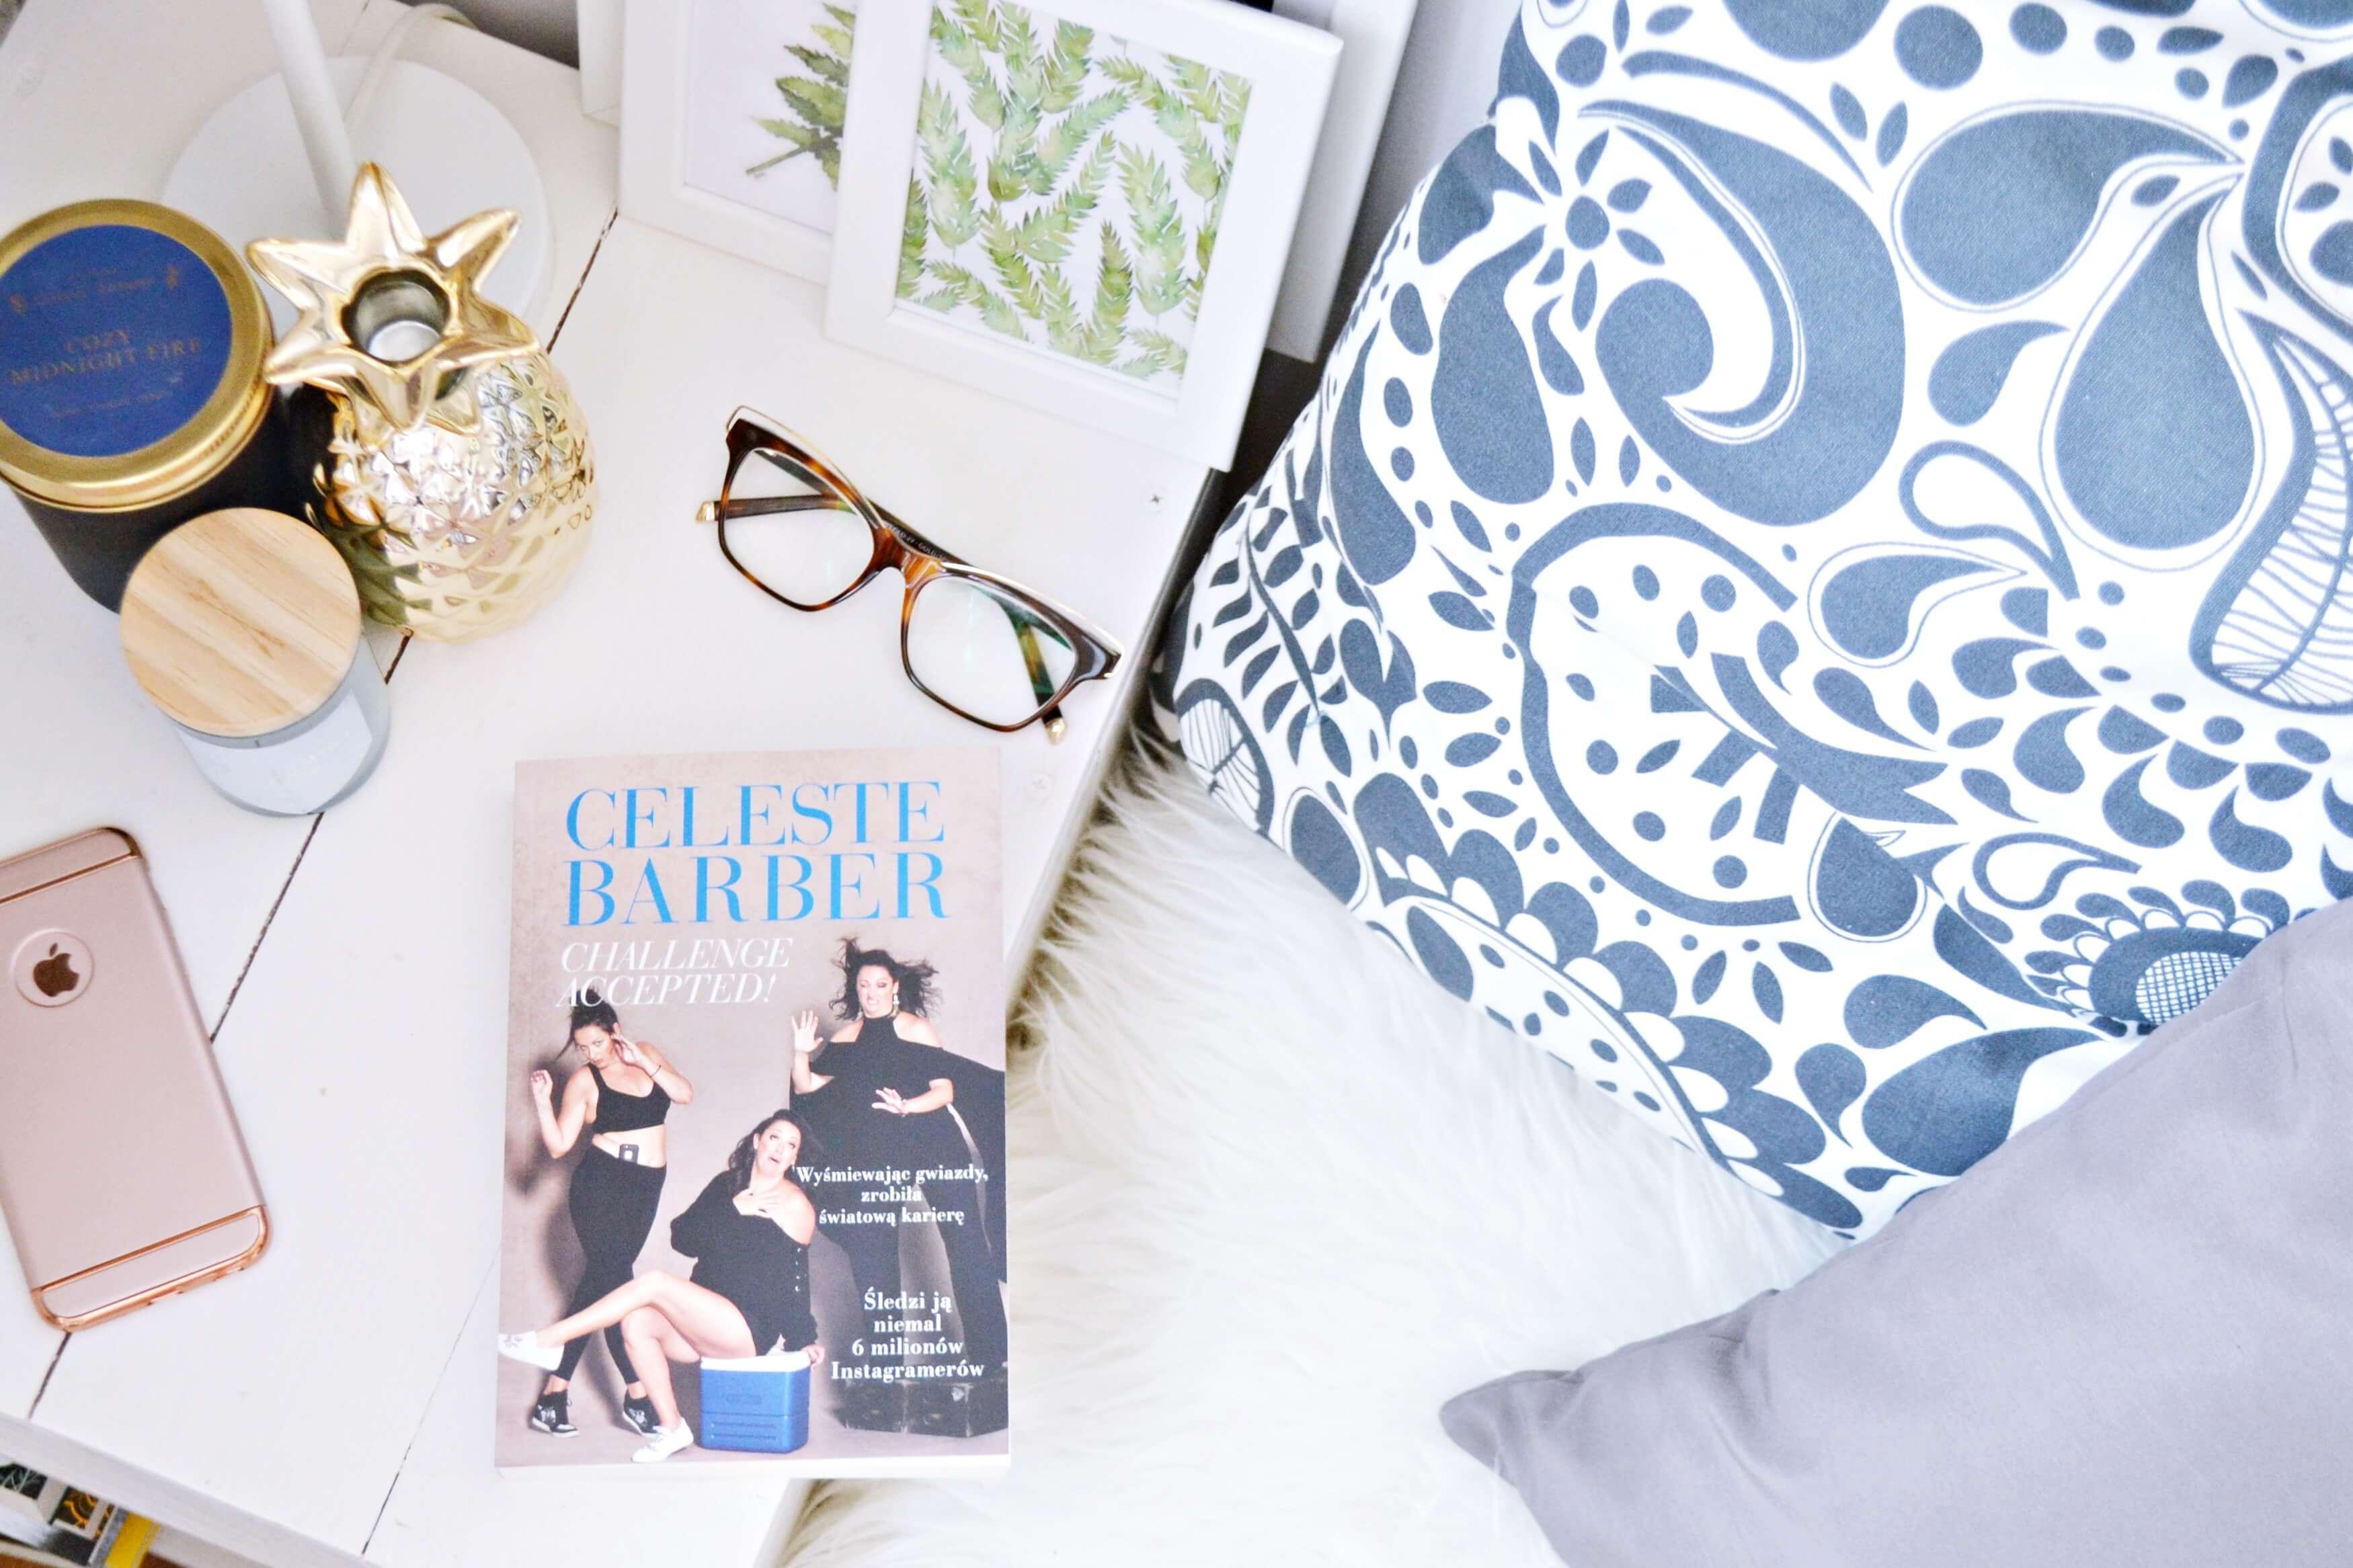 Challenge accepted - Celeste Barber